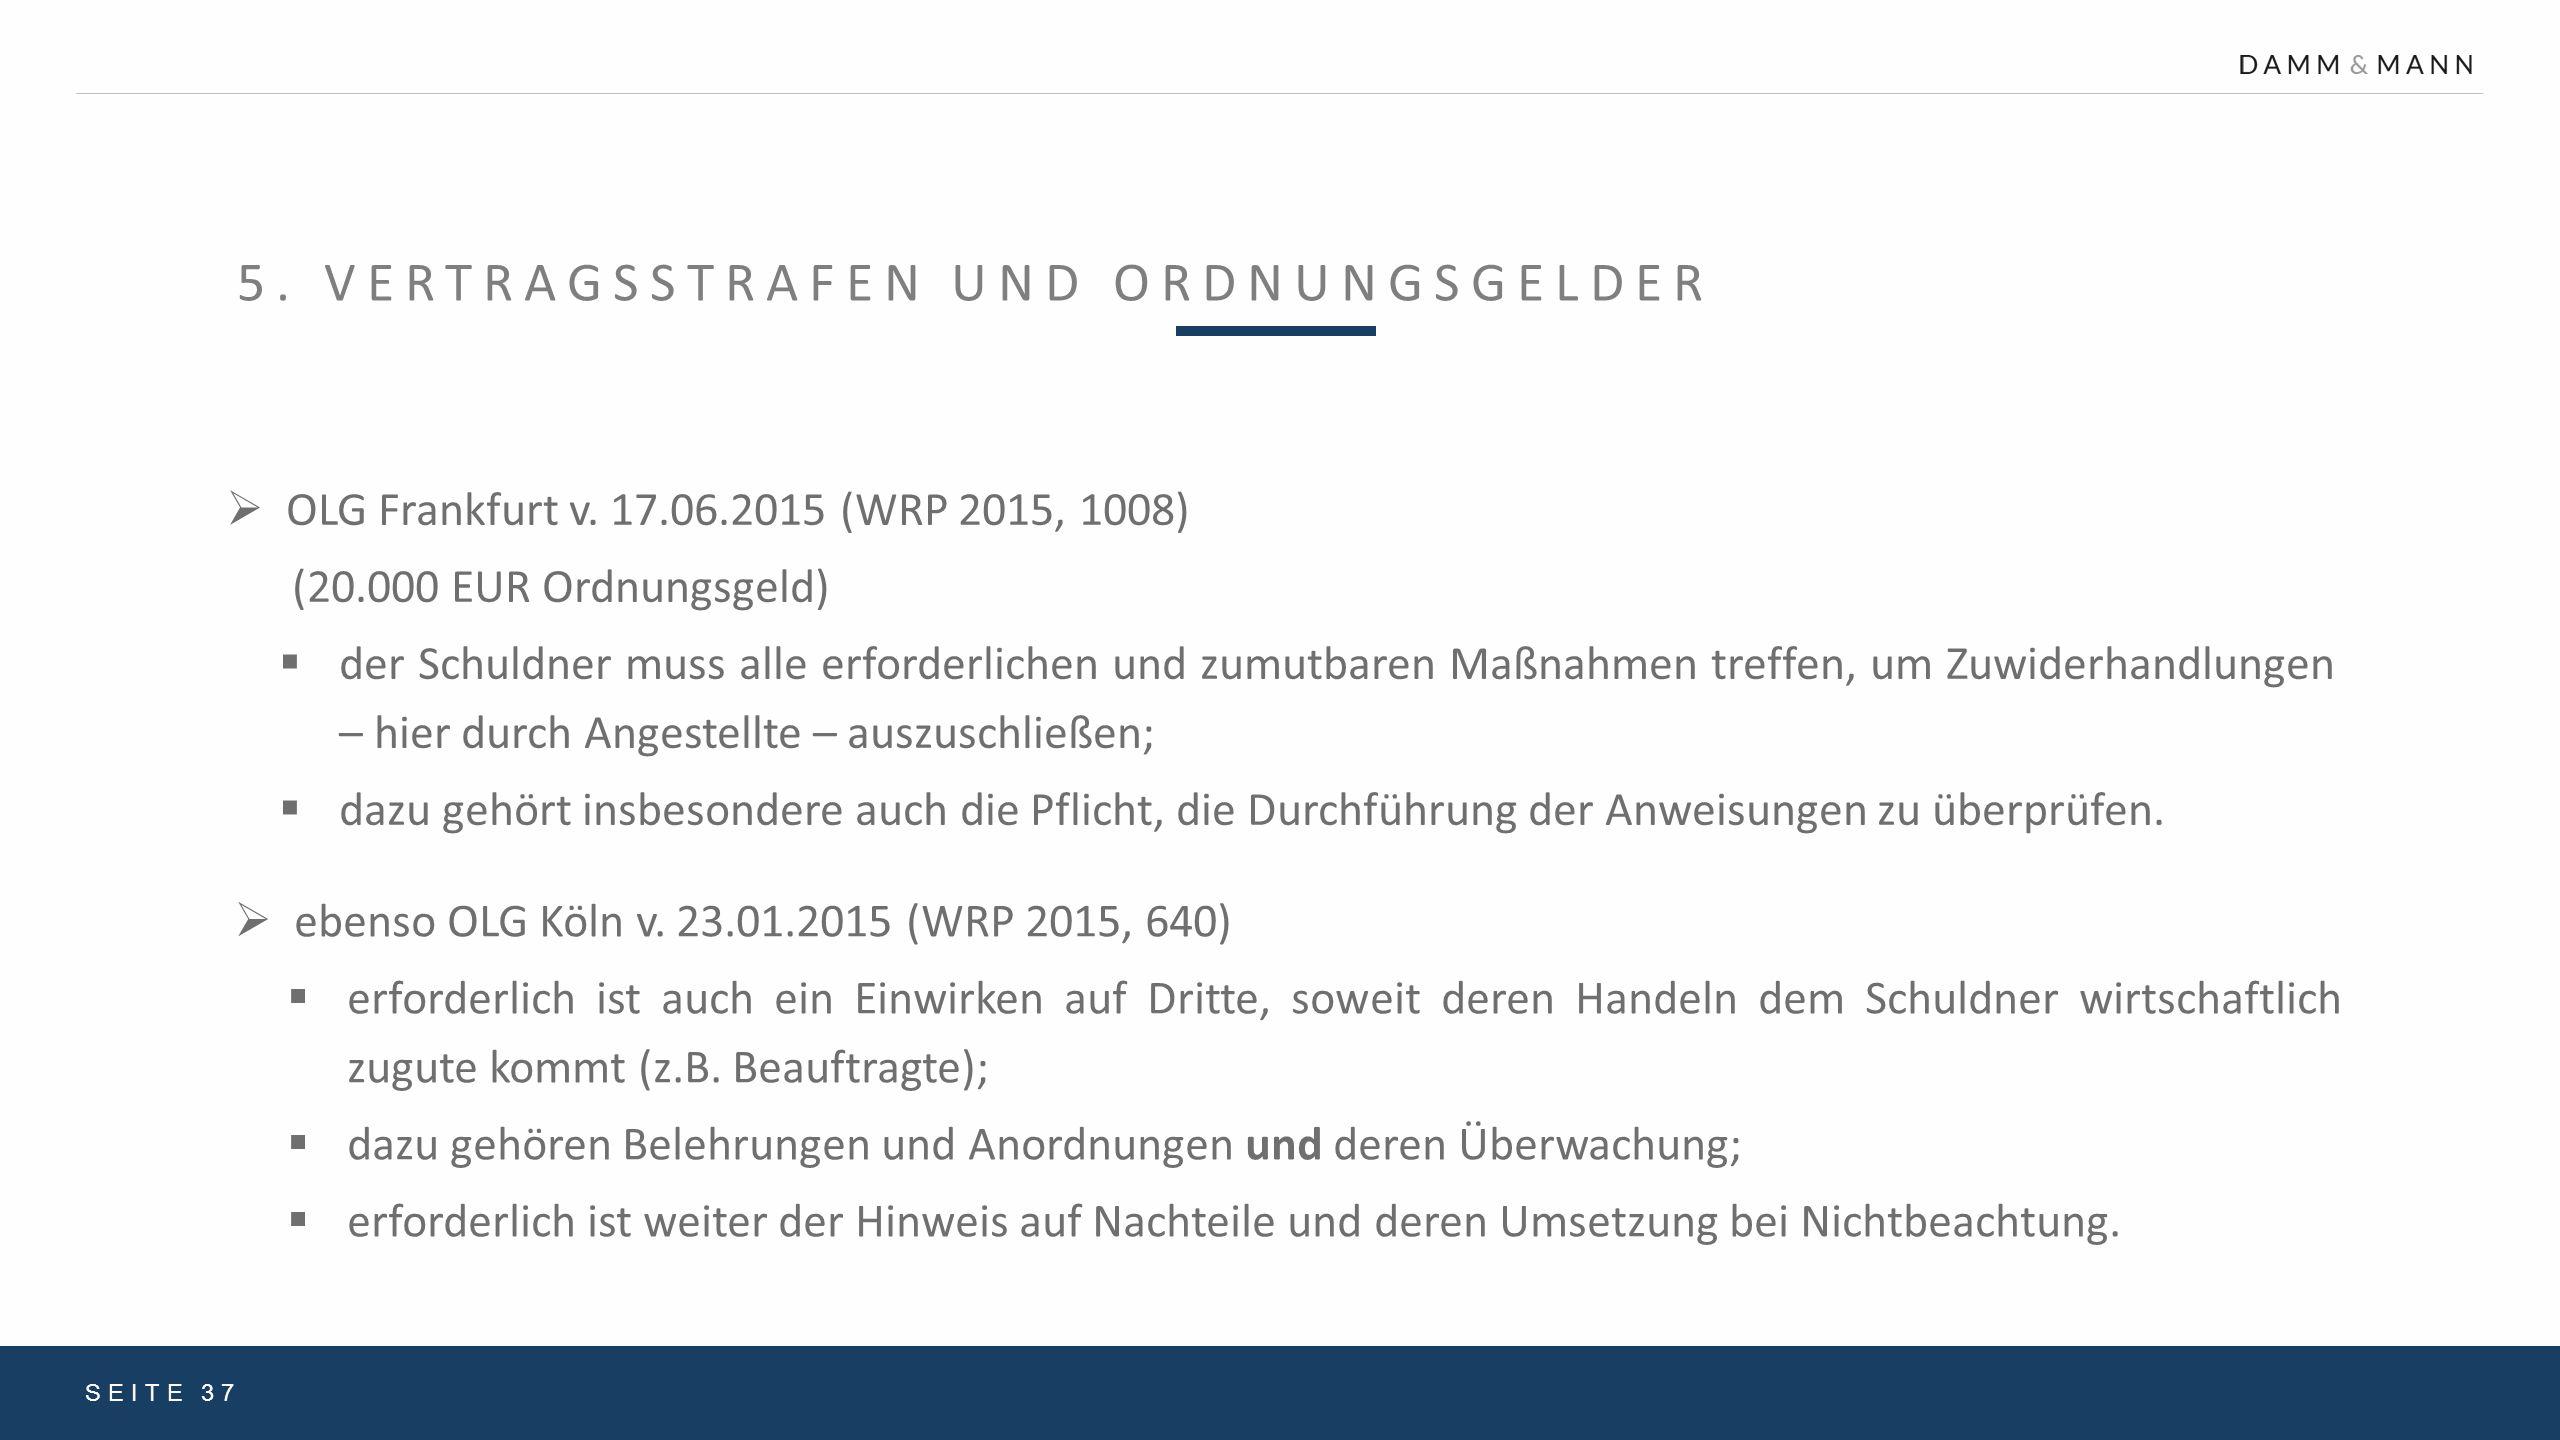 5. VERTRAGSSTRAFEN UND ORDNUNGSGELDER SEITE 37  OLG Frankfurt v. 17.06.2015 (WRP 2015, 1008) (20.000 EUR Ordnungsgeld)  der Schuldner muss alle erfo